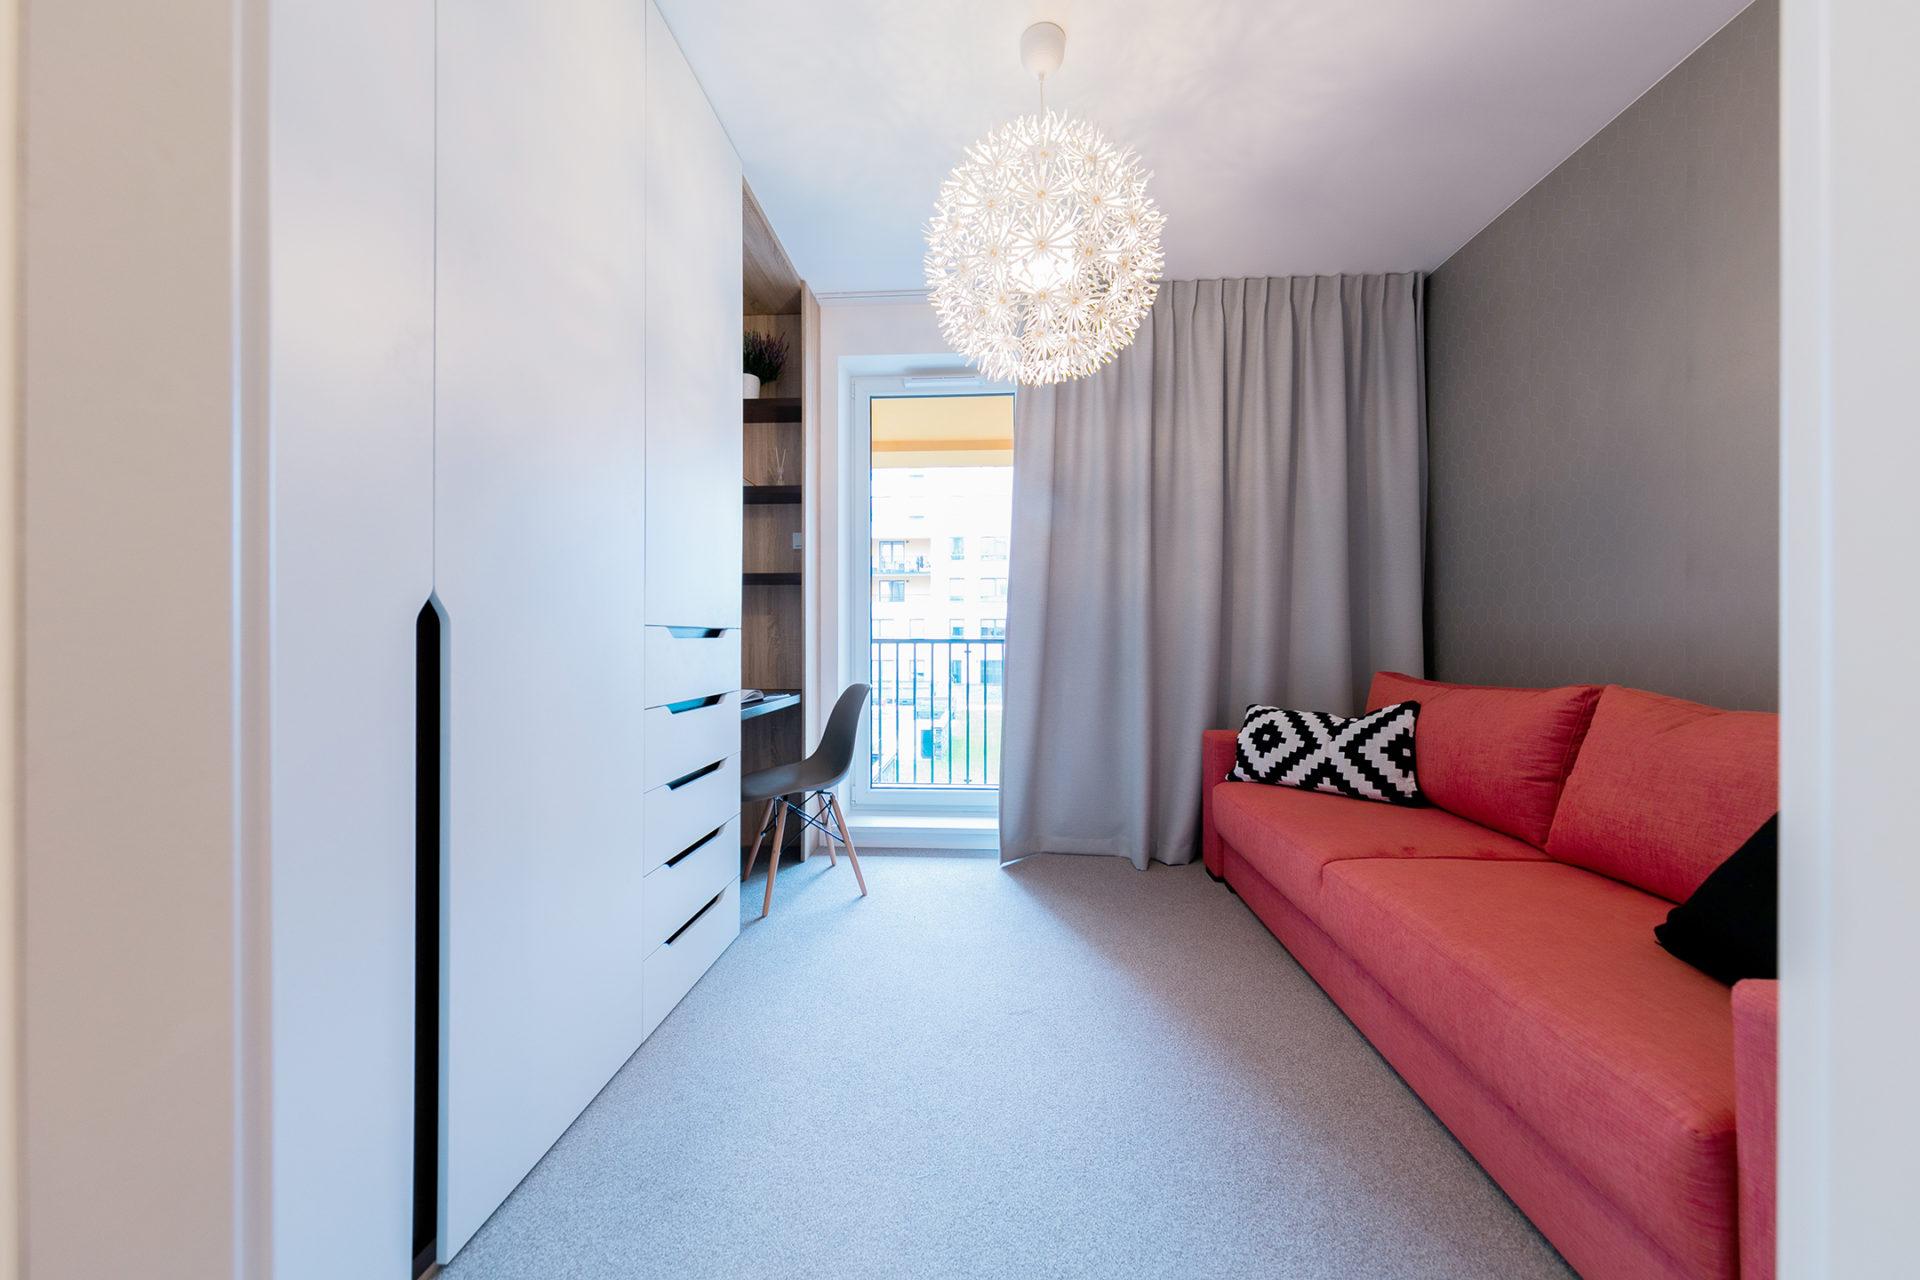 pokój apartament chili,projekt wnętrz, architekt wrocław, koru, julia koczur 01.jpg